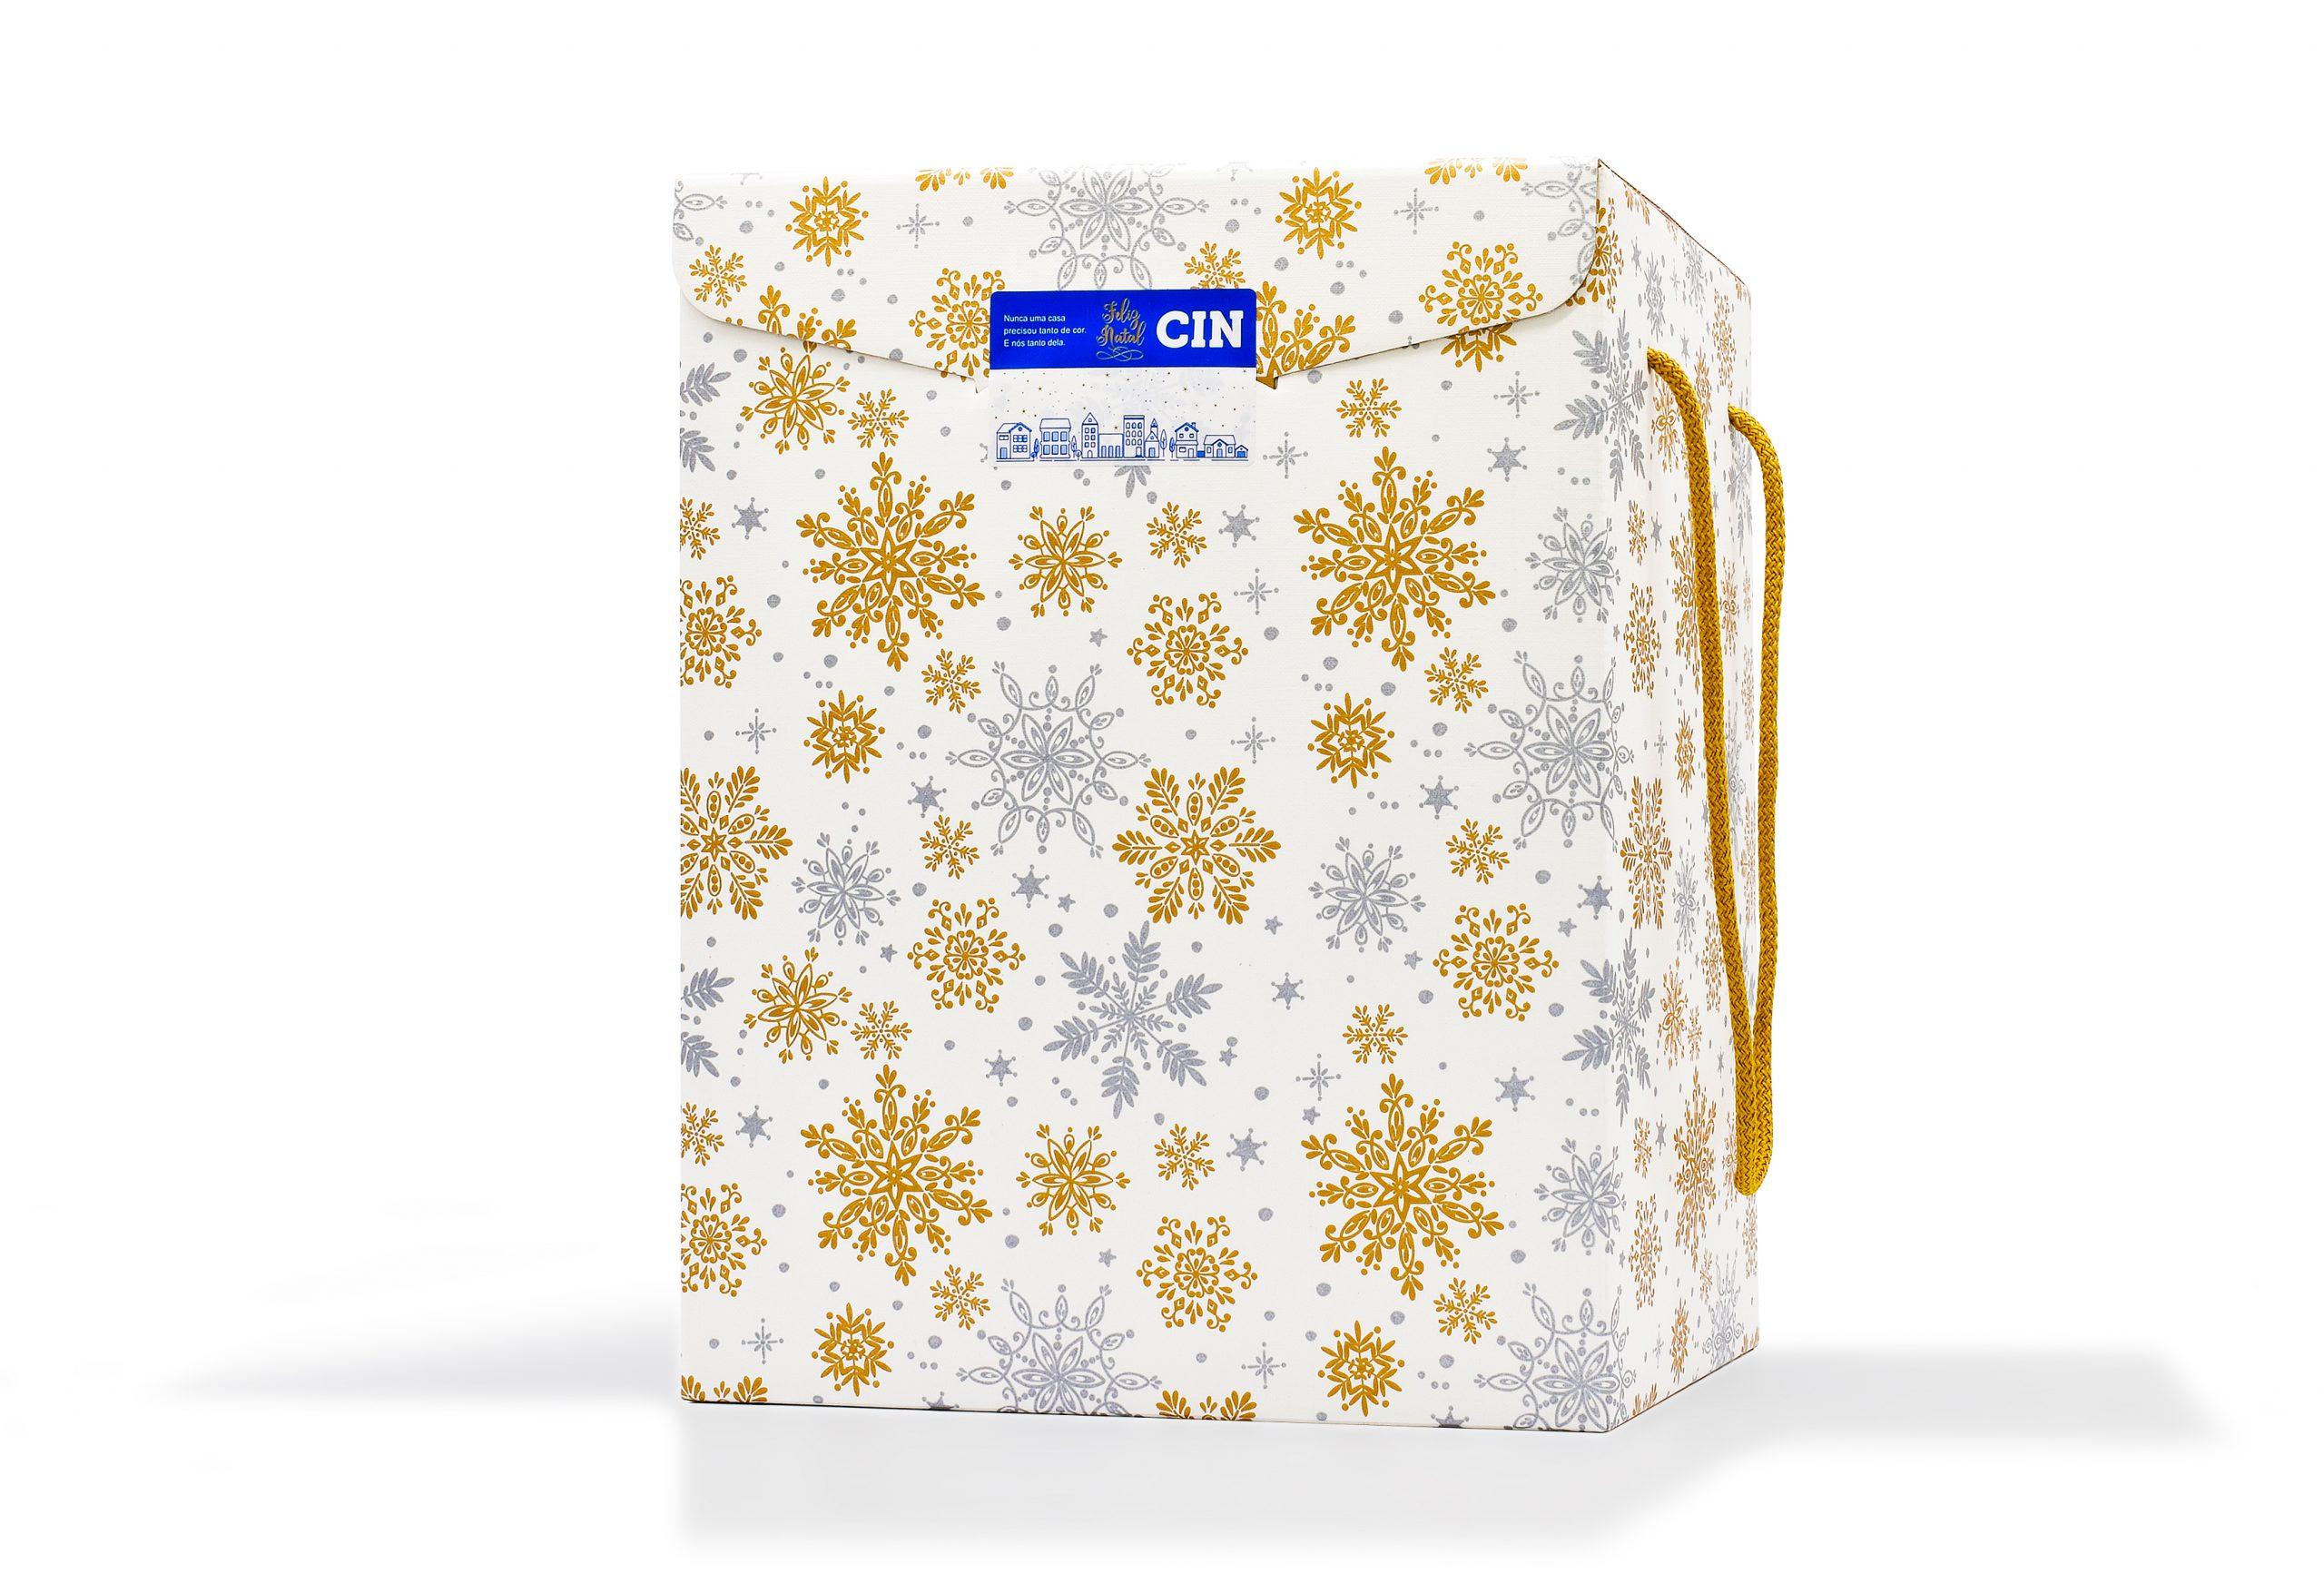 CIN_embalagem_de_cartão